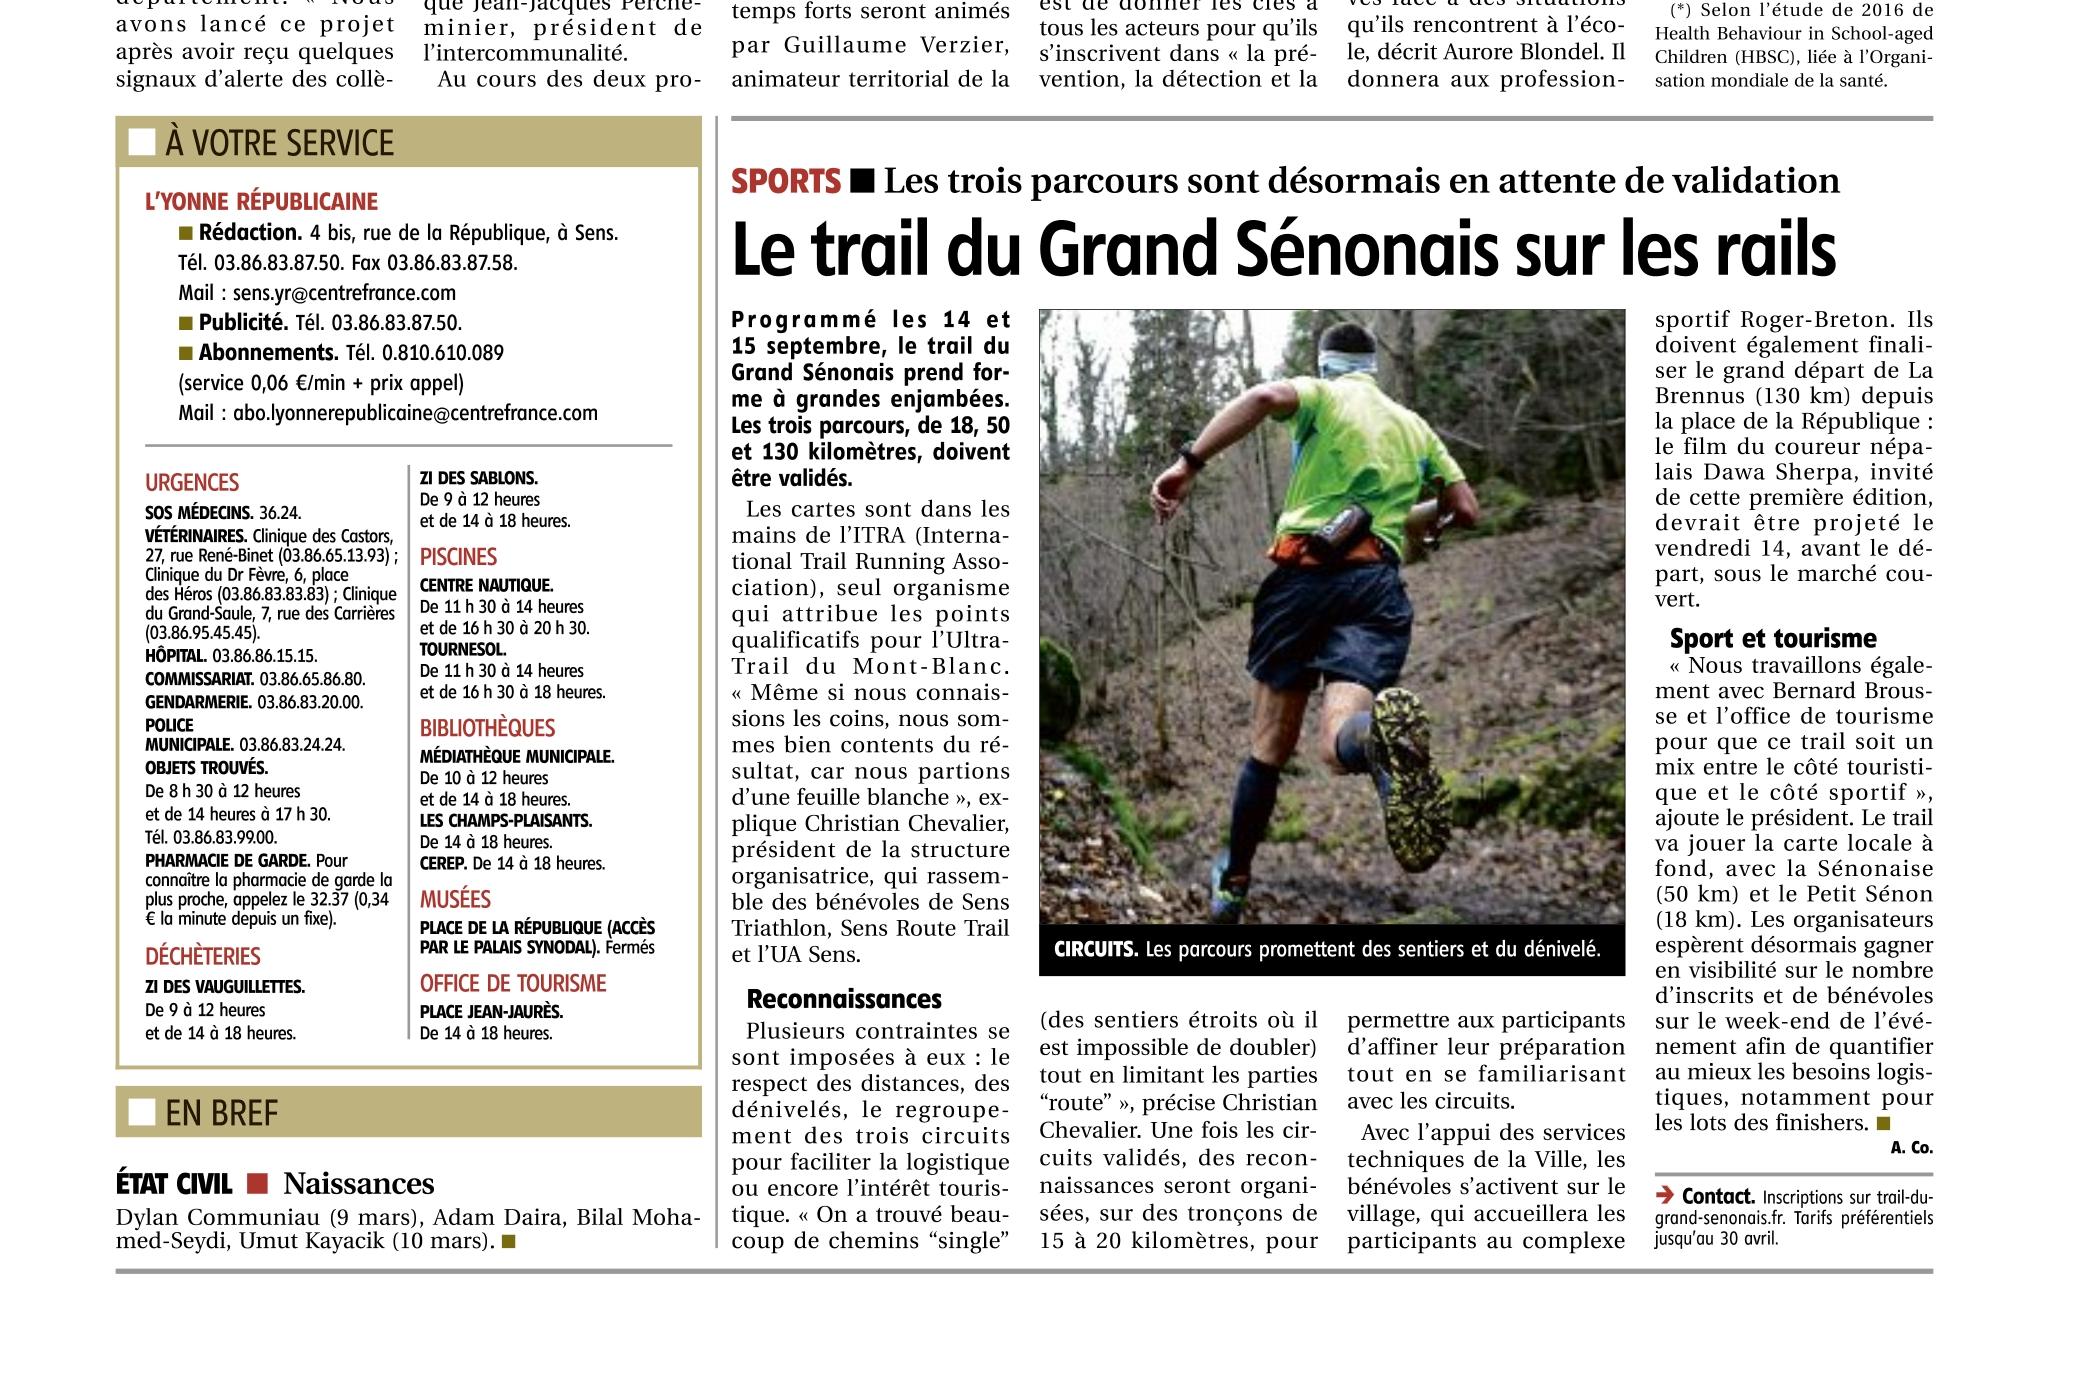 Article Yonne Républicaine Trail du Grand Sénonais